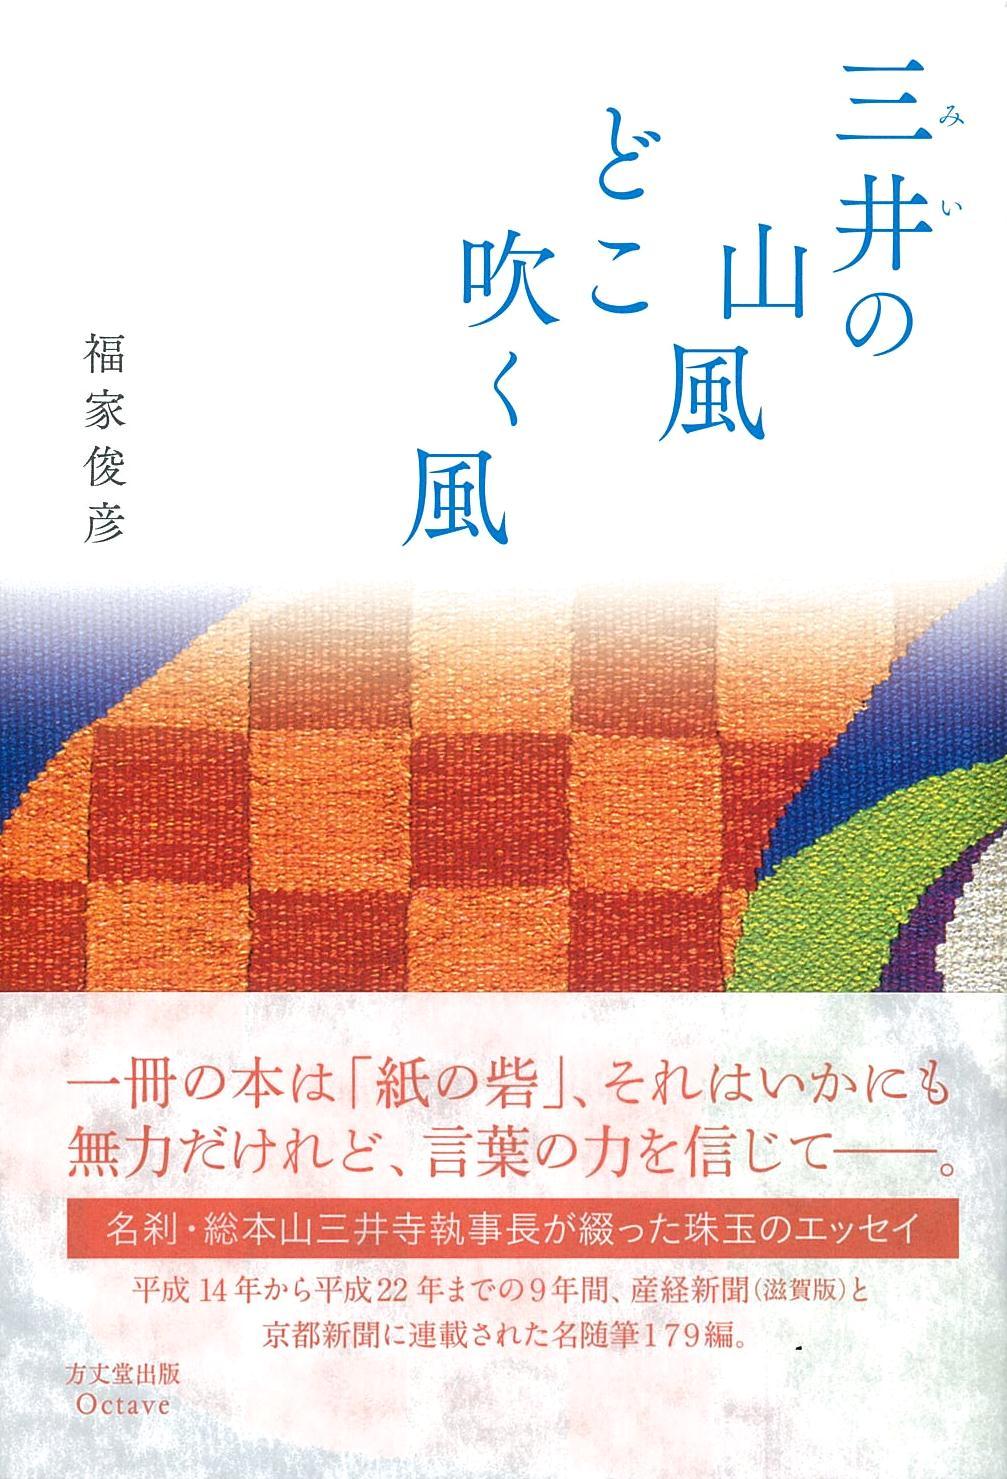 社寺と国有林:京都東山・嵐山の変遷と新たな連携